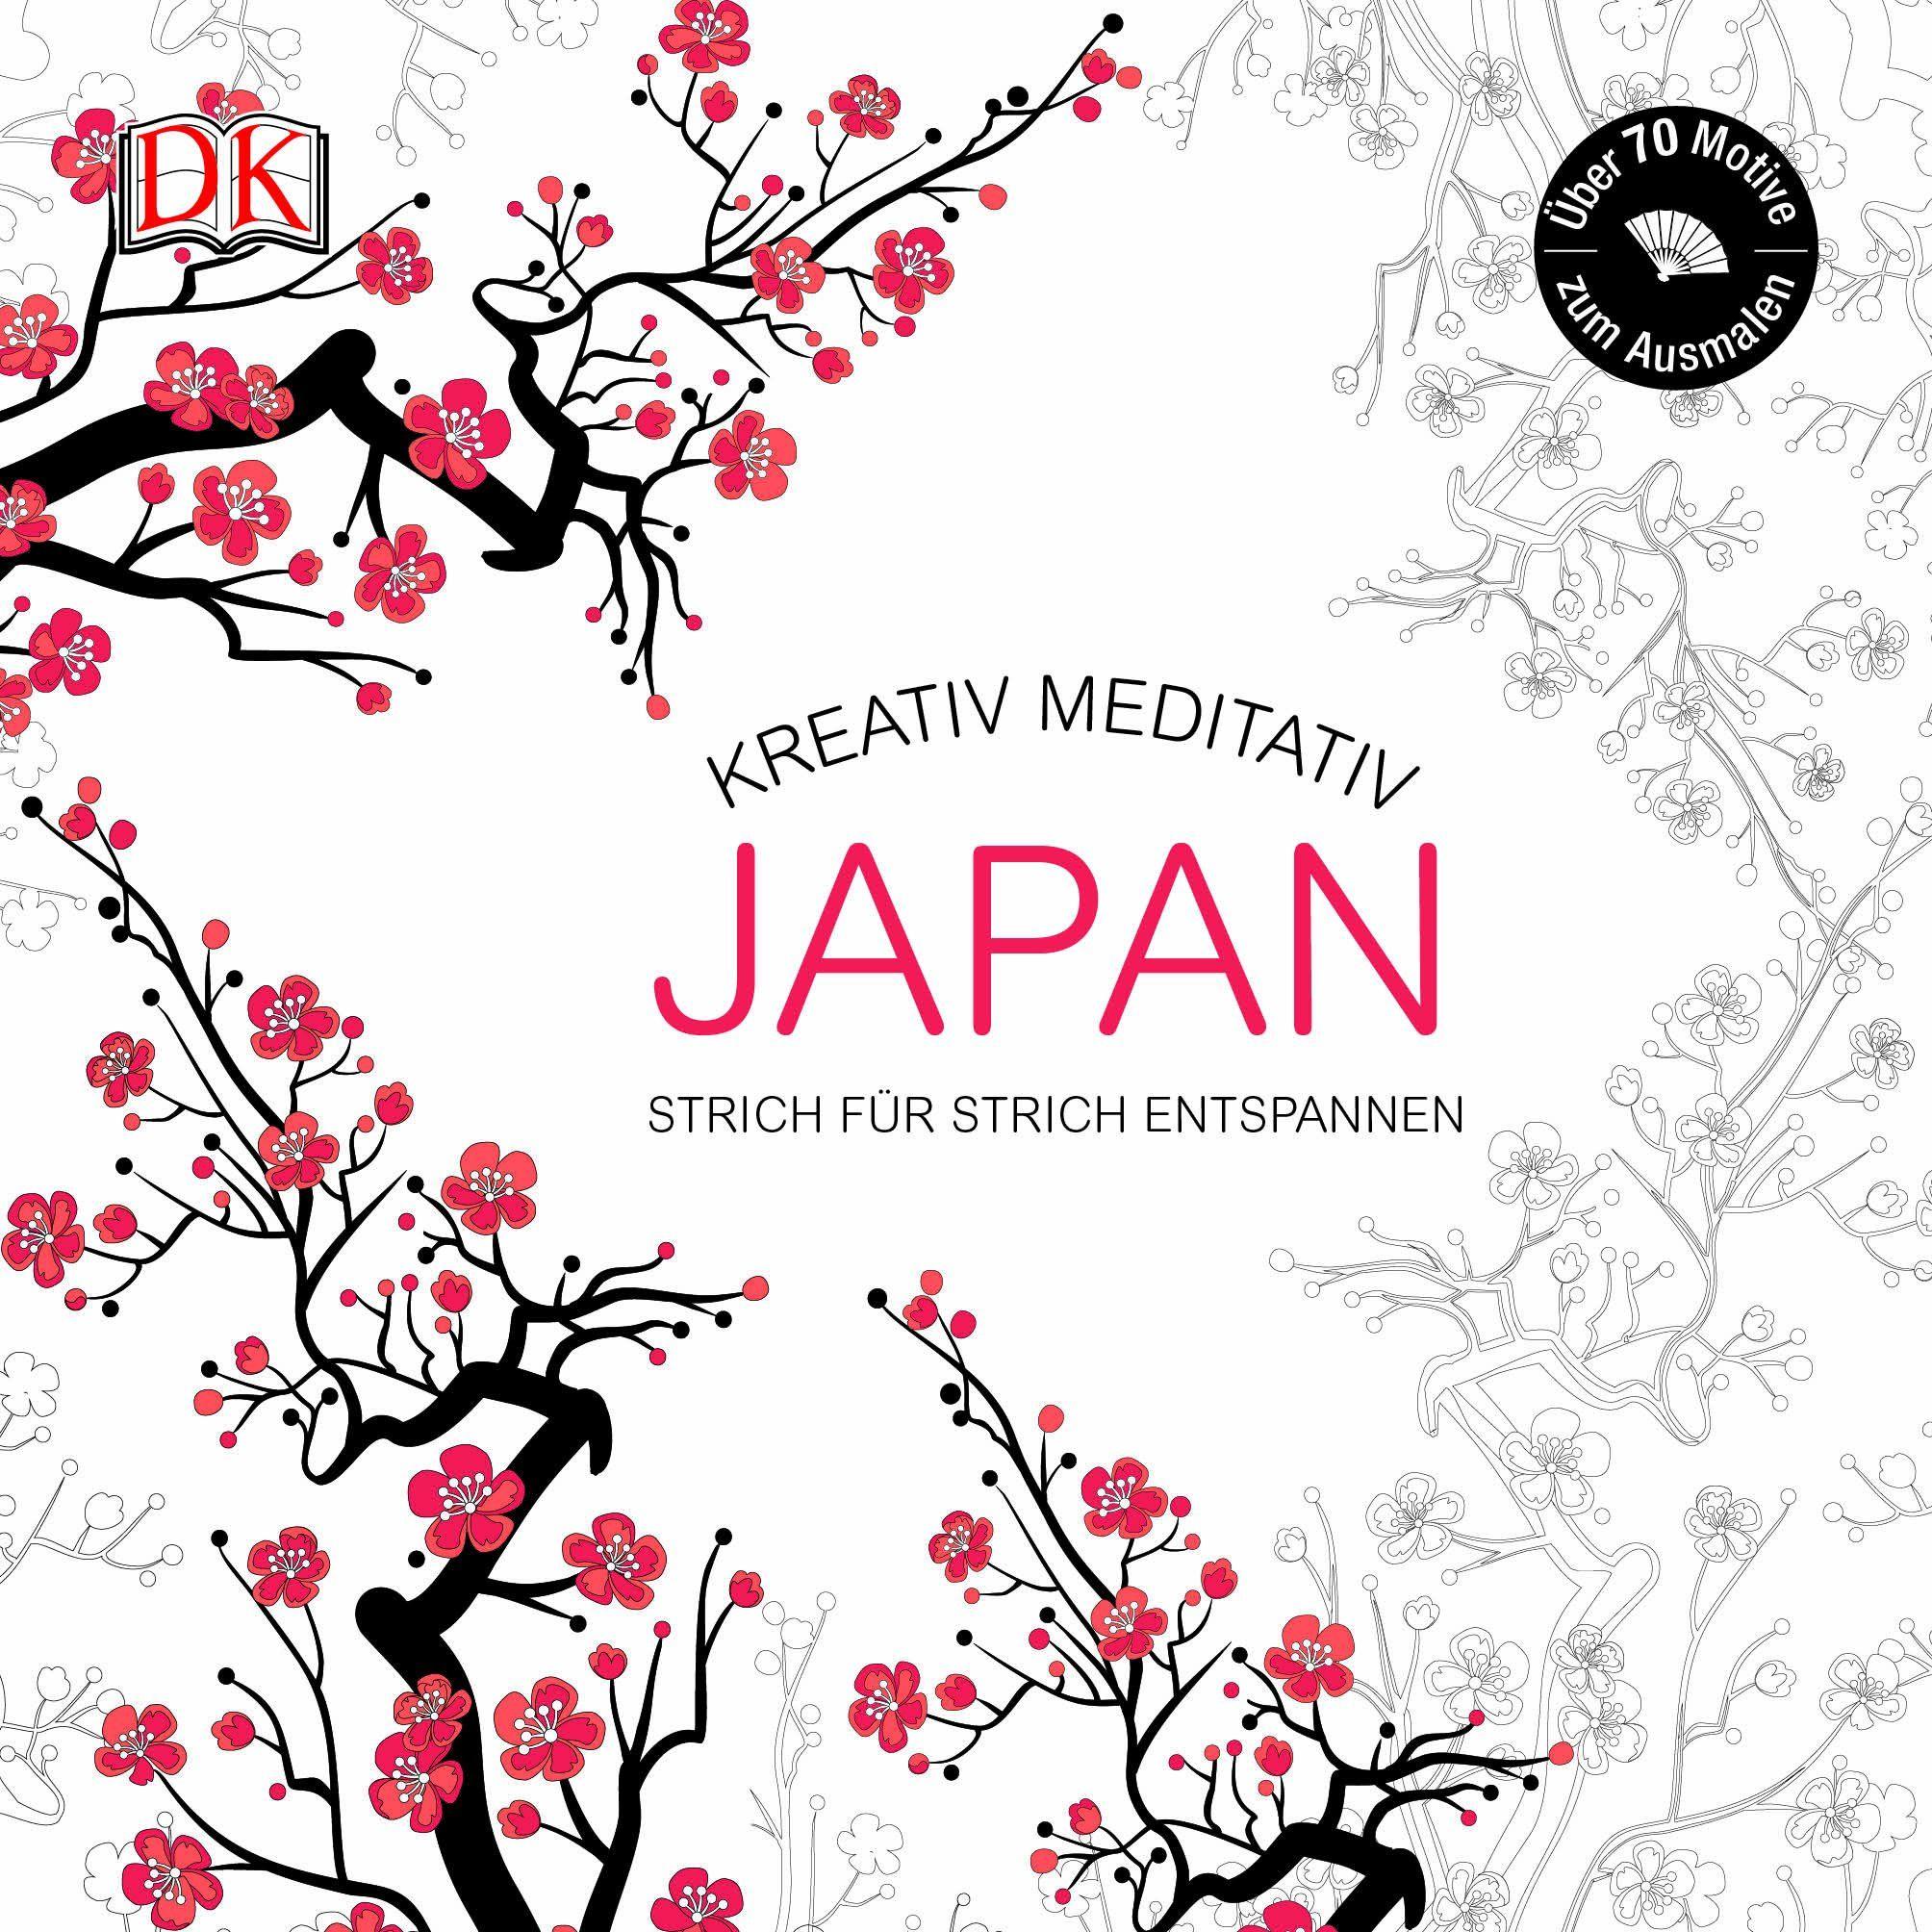 Malbuch für Erwachsene Japan | Malbuch für Erwachsene | Pinterest ...